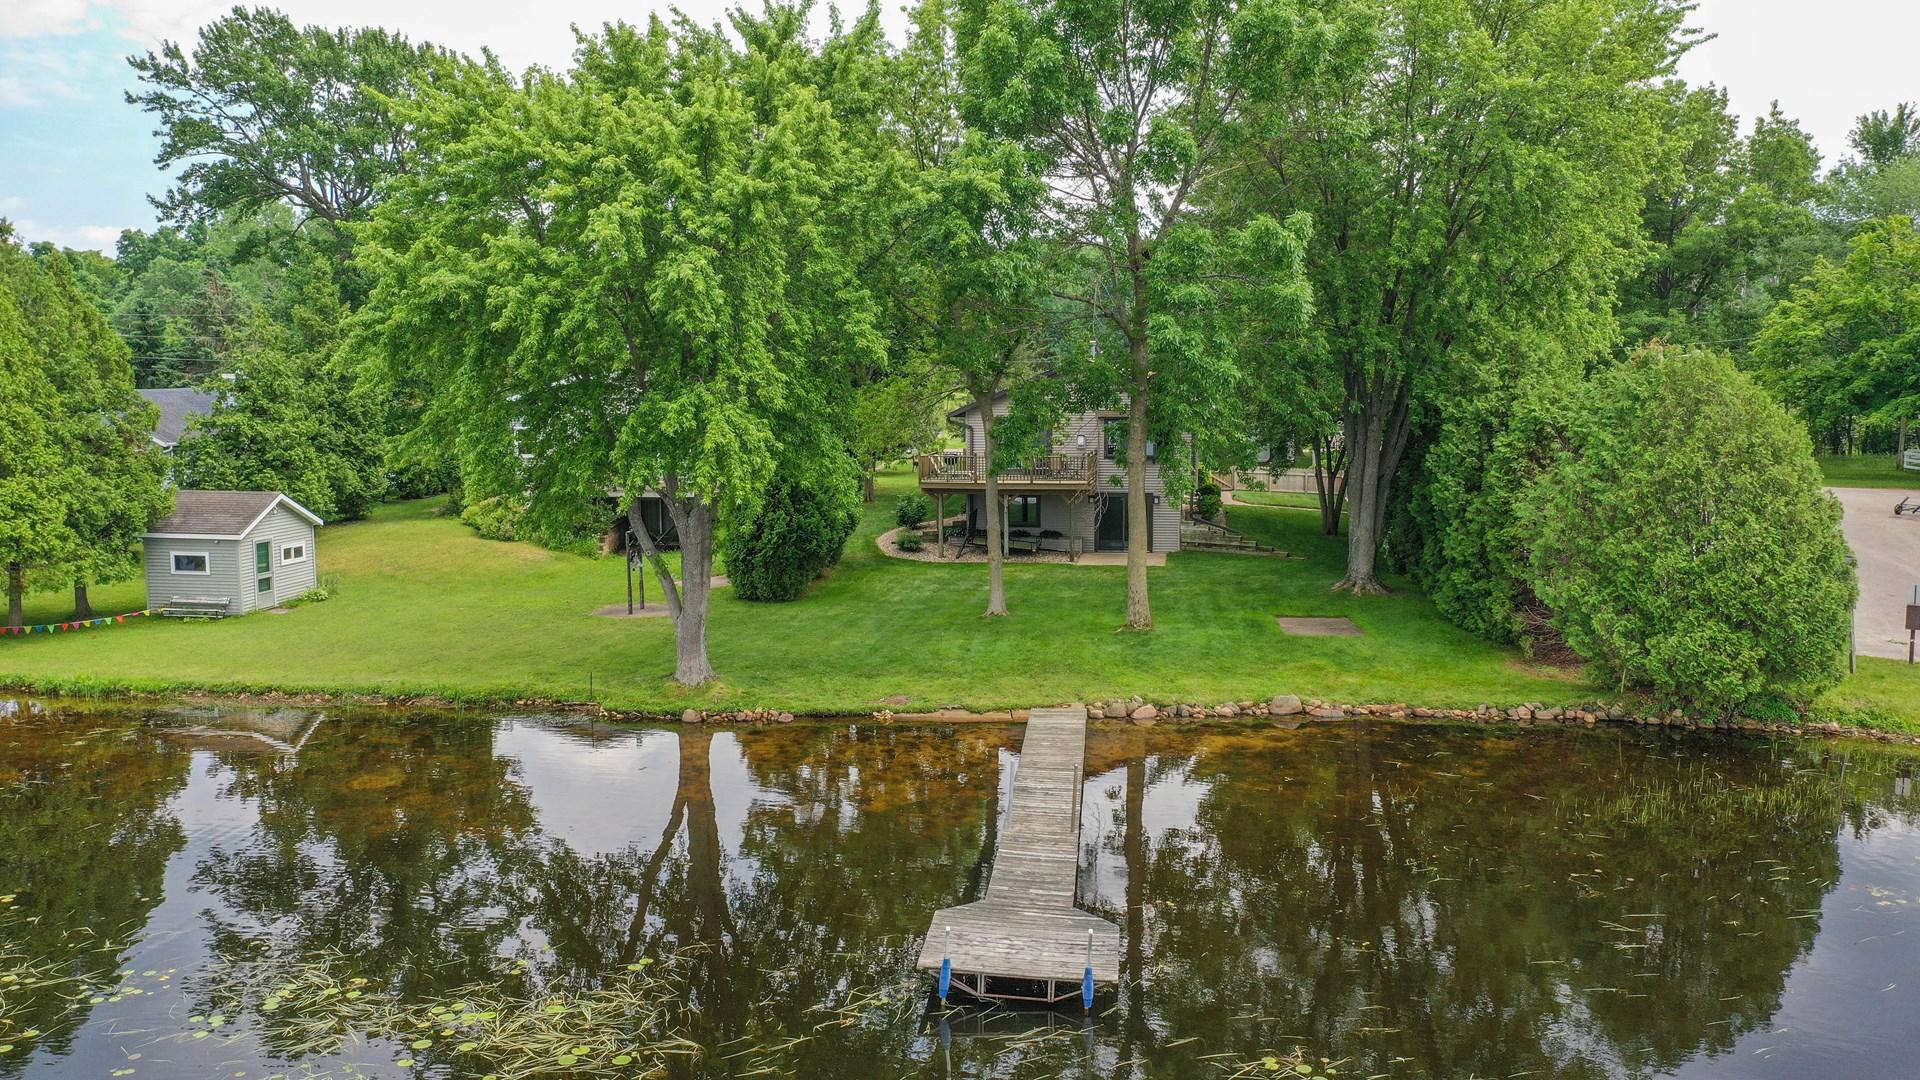 Lakefront Home for sale Weyauwega, WI on White Lake